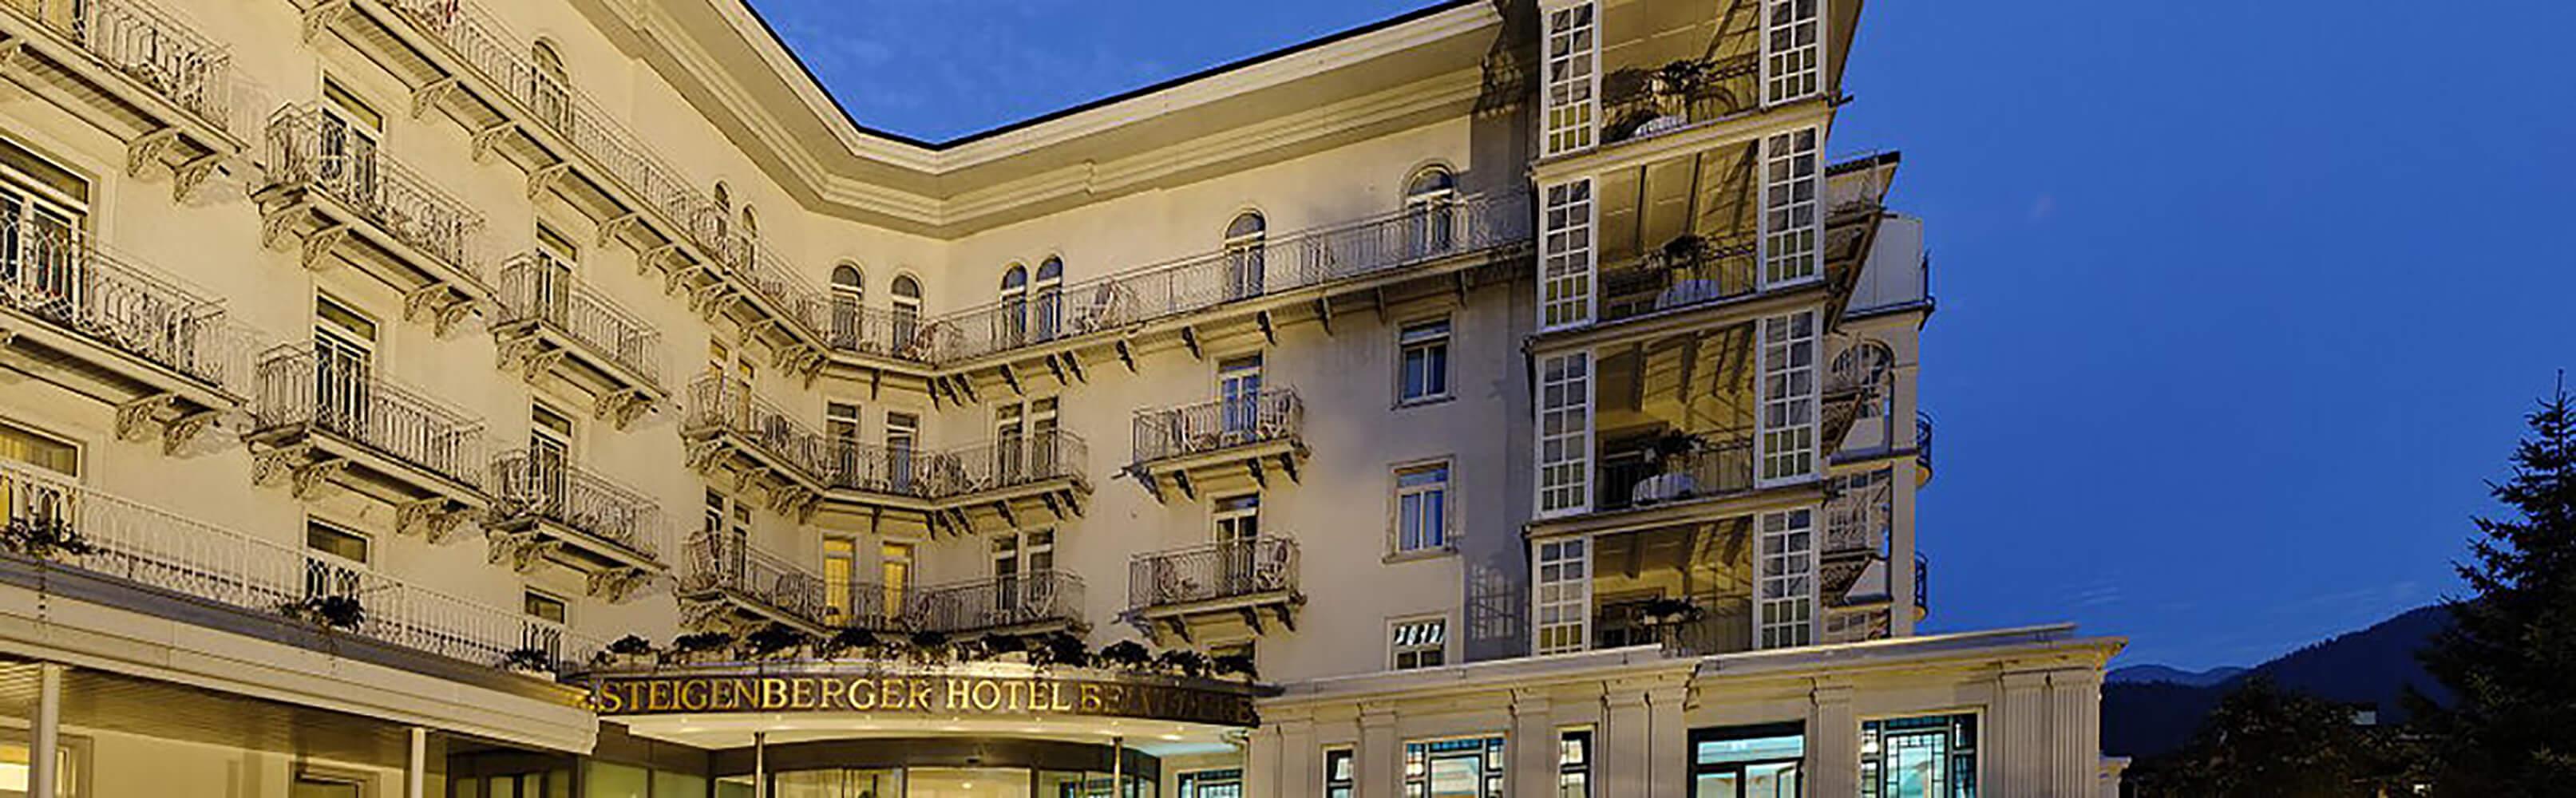 Steigenberger Grandhotel Belvédère - Dem Himmel ganz nah 1